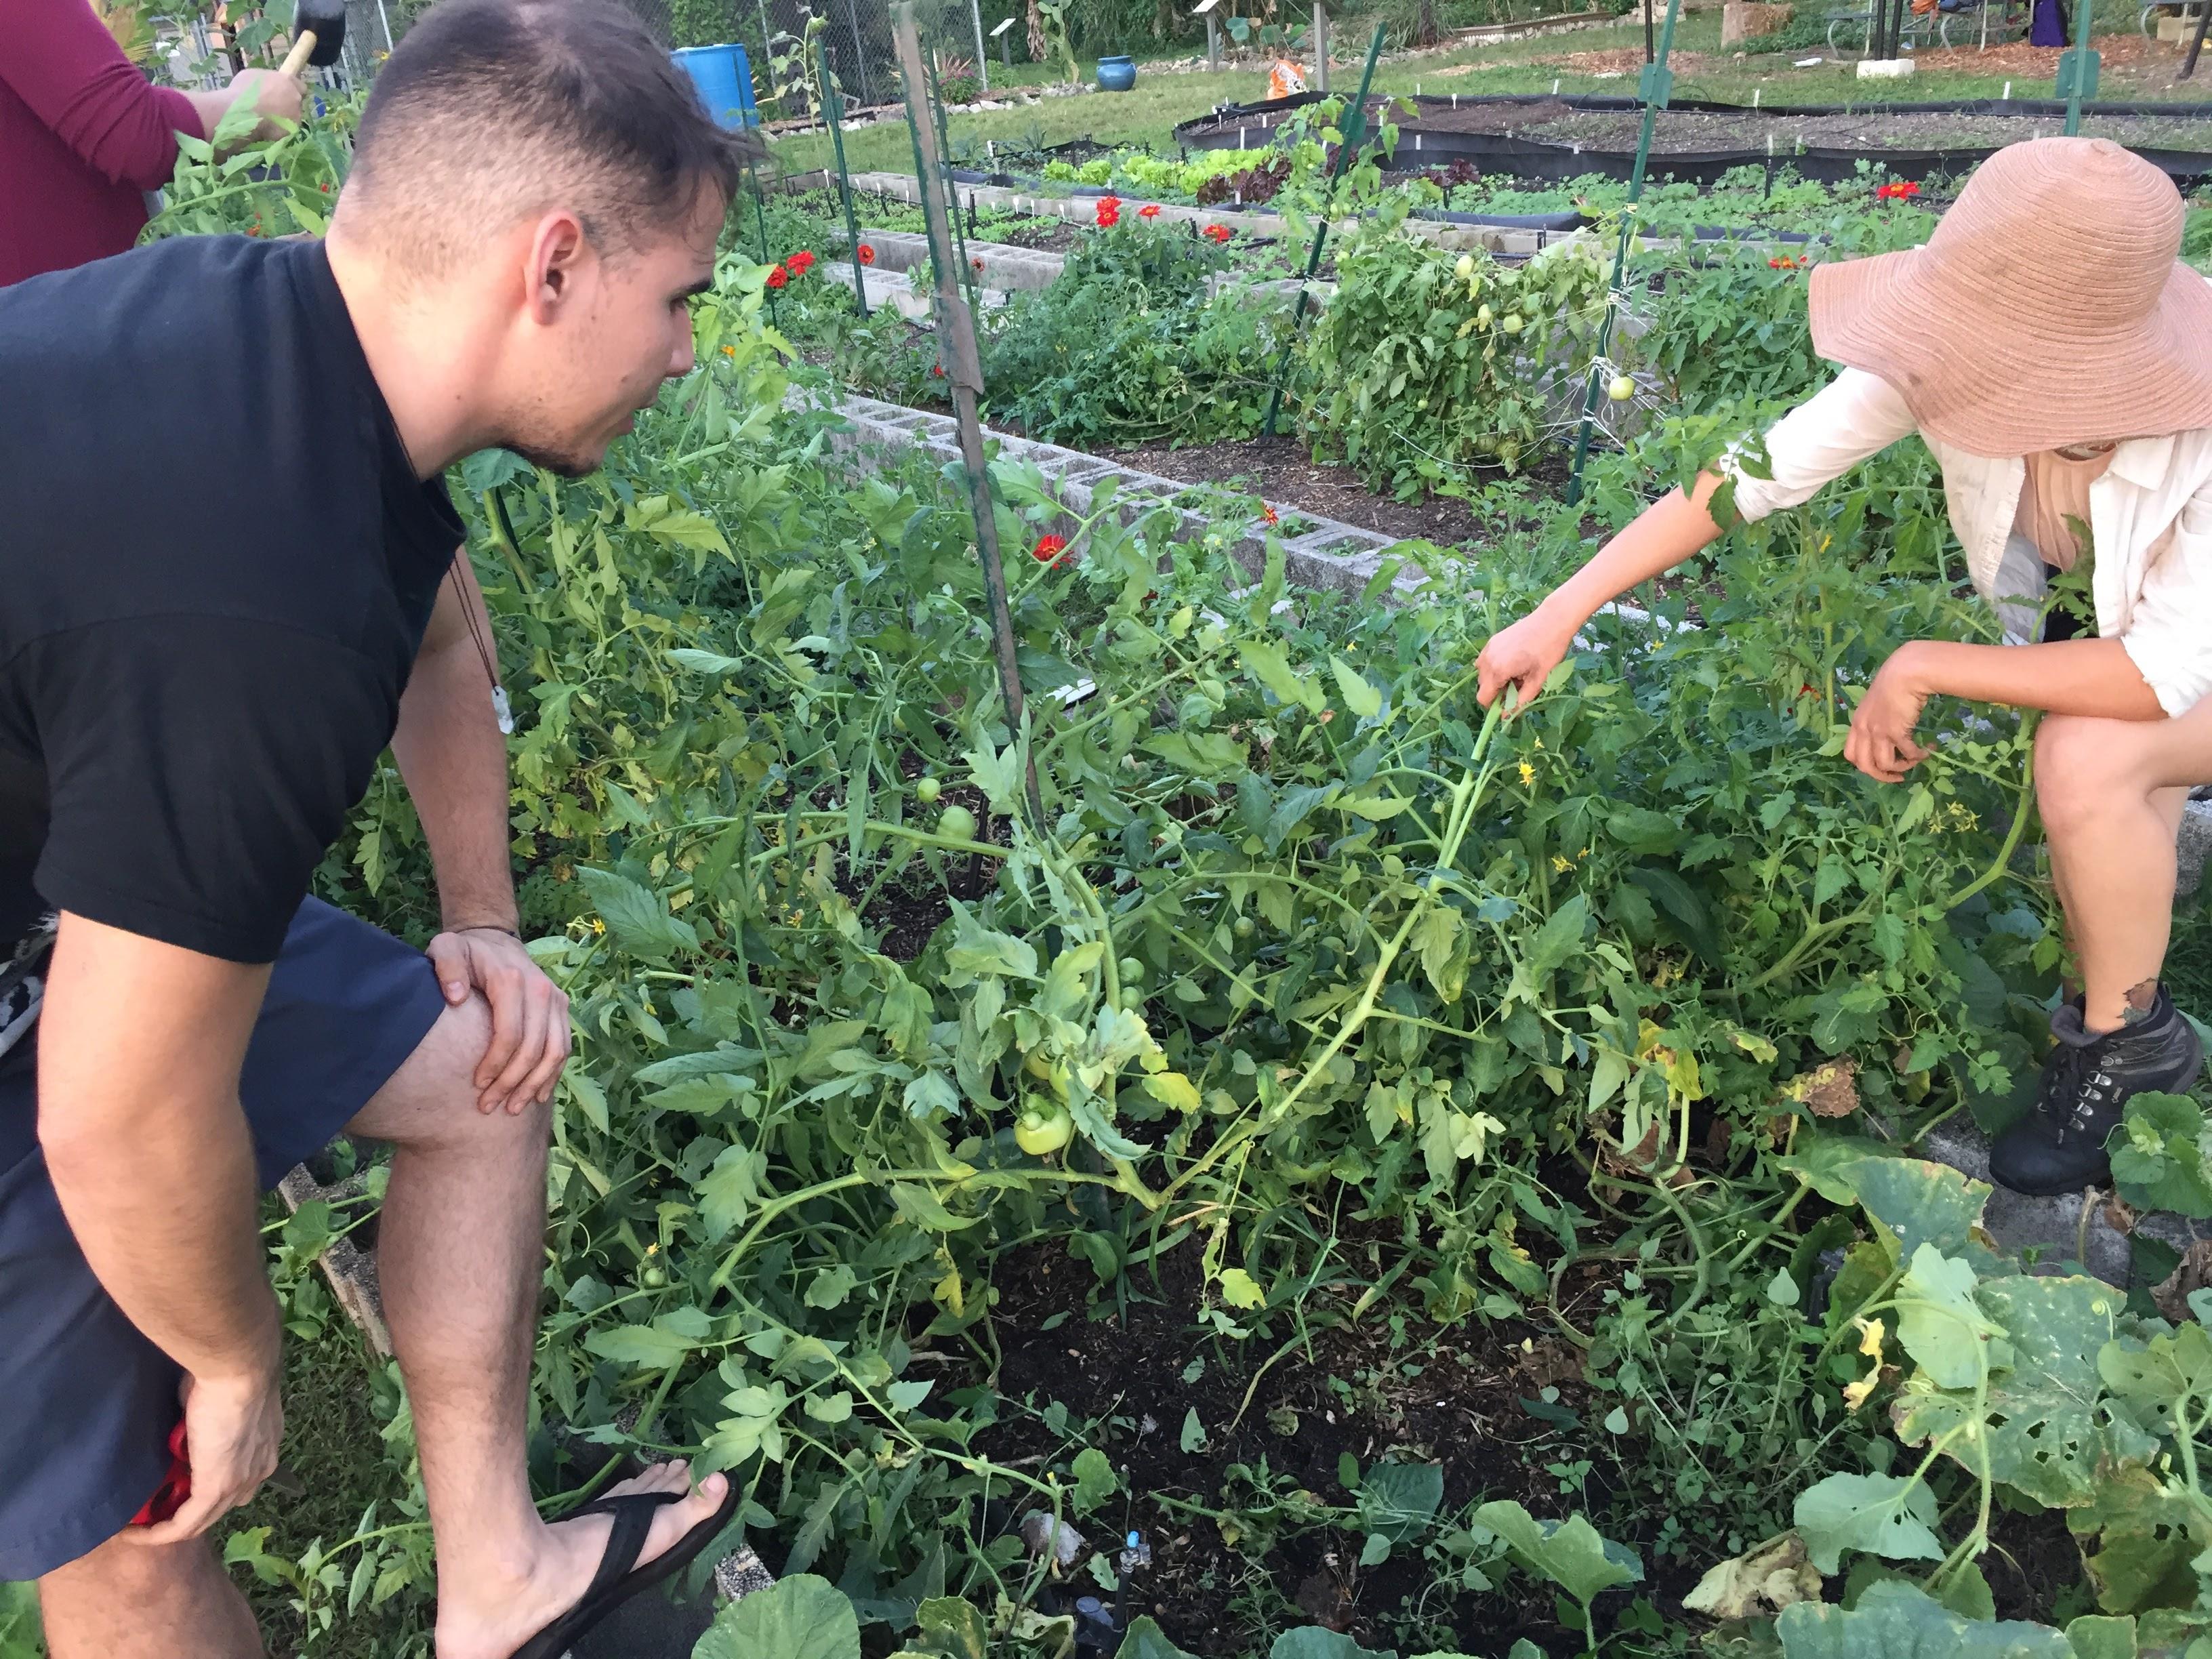 Club de estudiantes, fomenta la pasión por la jardinería - FIU Noticias 2